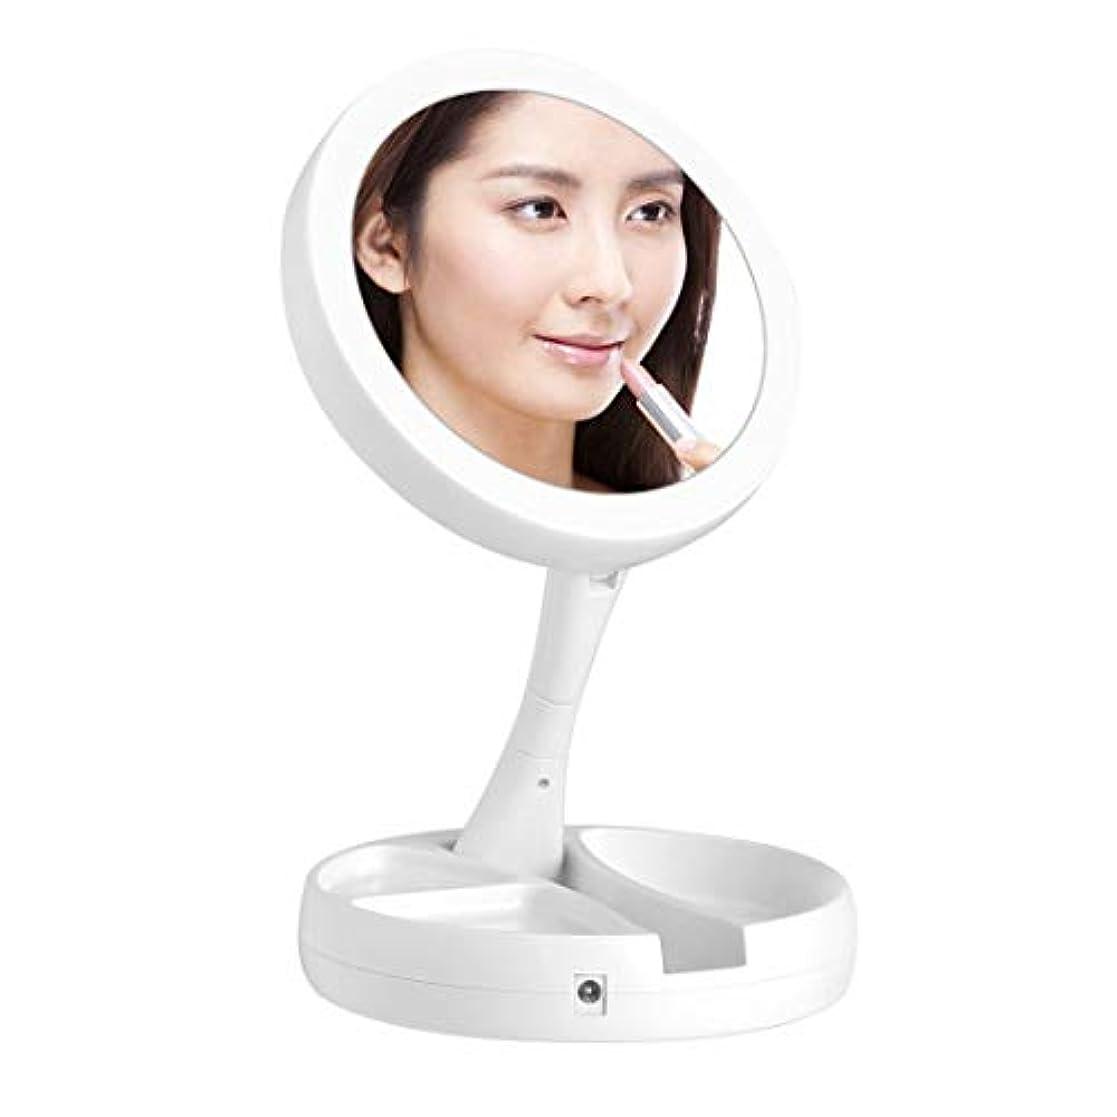 石の踏みつけ実行するkamaa化粧鏡 化粧ミラー 女優ミラー LED両面鏡 鏡 10倍拡大鏡付き 折り畳み式 卓上 テーブルランプUSB/電池給電 180°回転